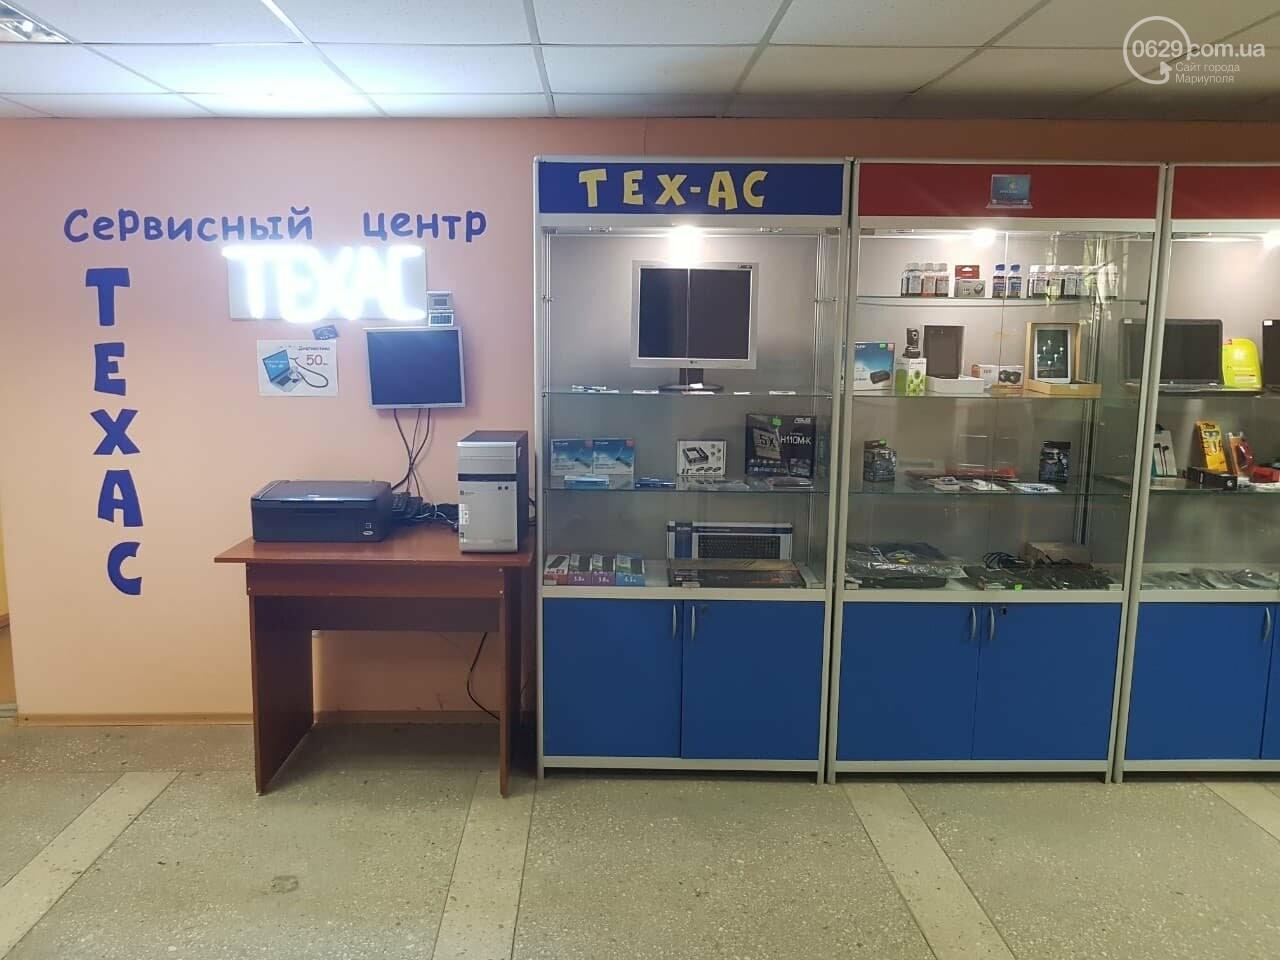 Сервисный центр «Тех-АС»: как сэкономить на ремонте ноутбука в Мариуполе, фото-6